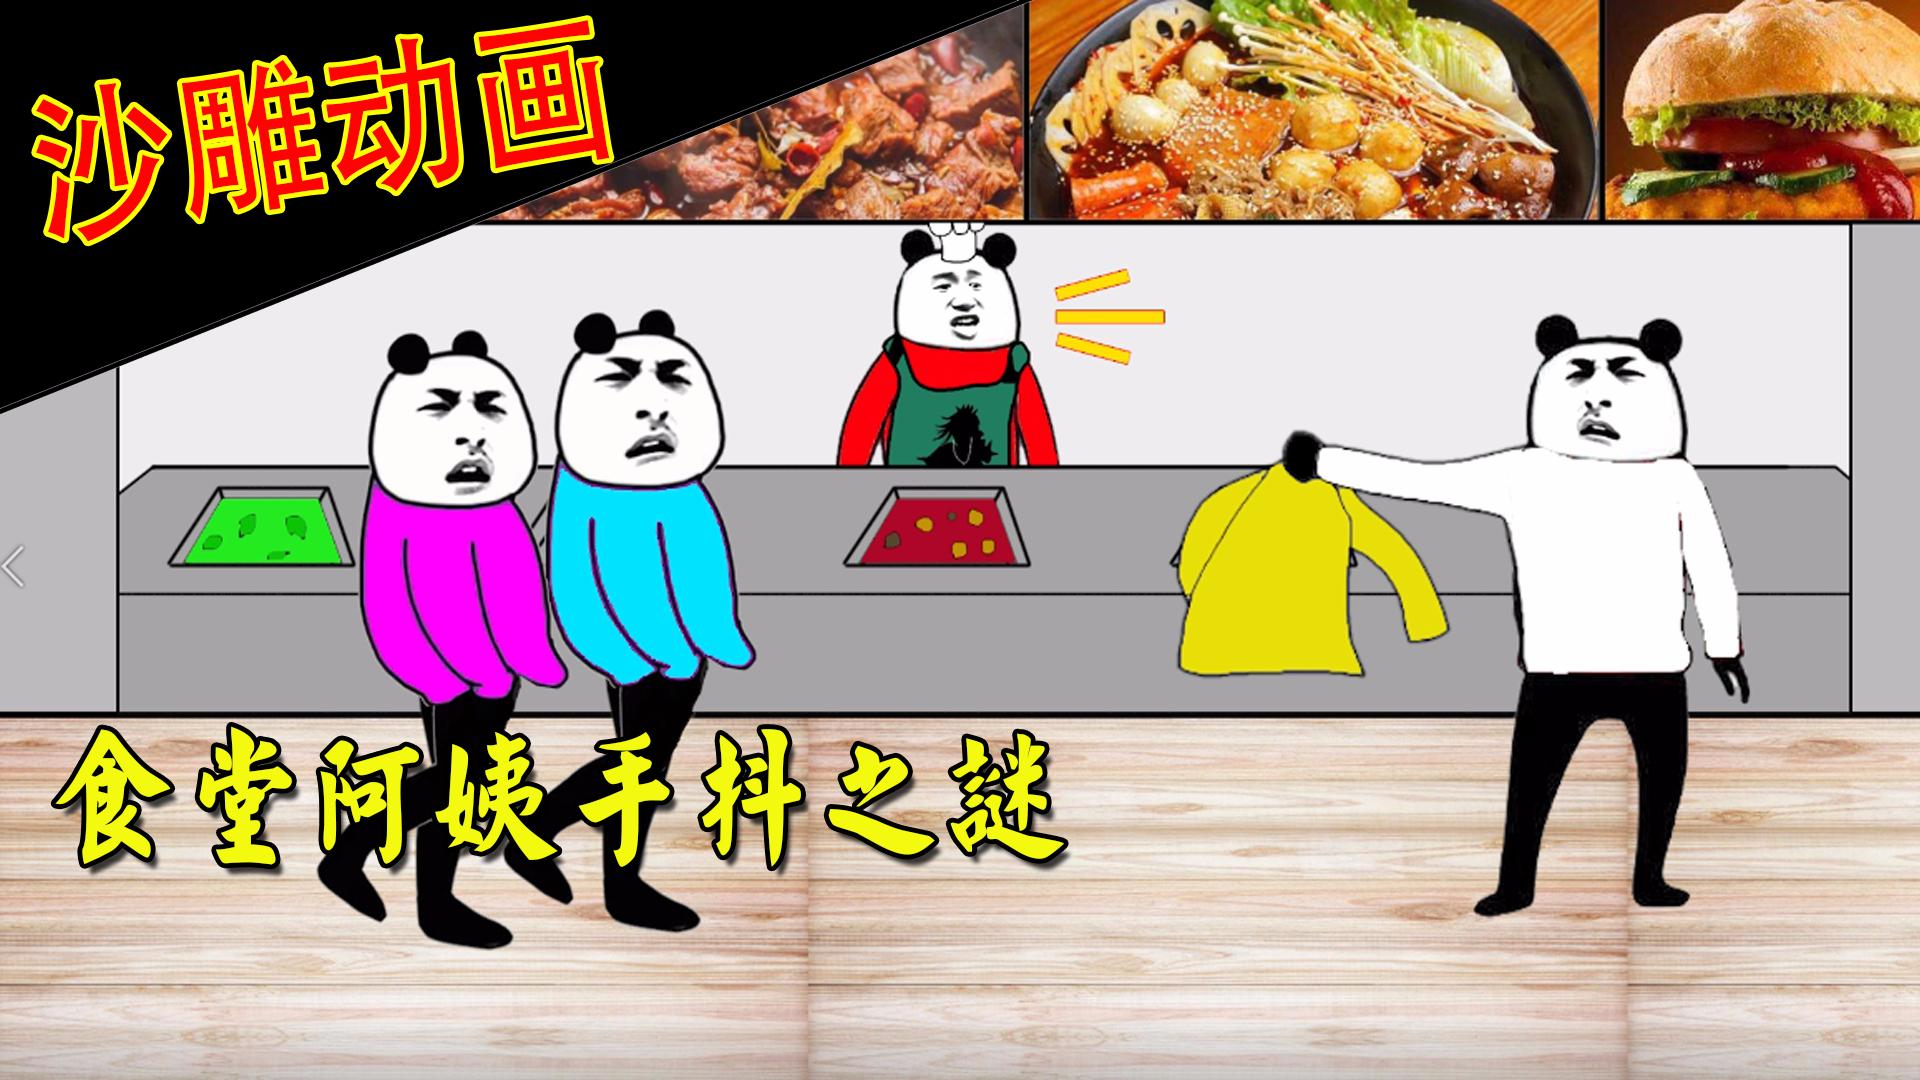 【宿舍争爸】食堂阿姨手抖之战!